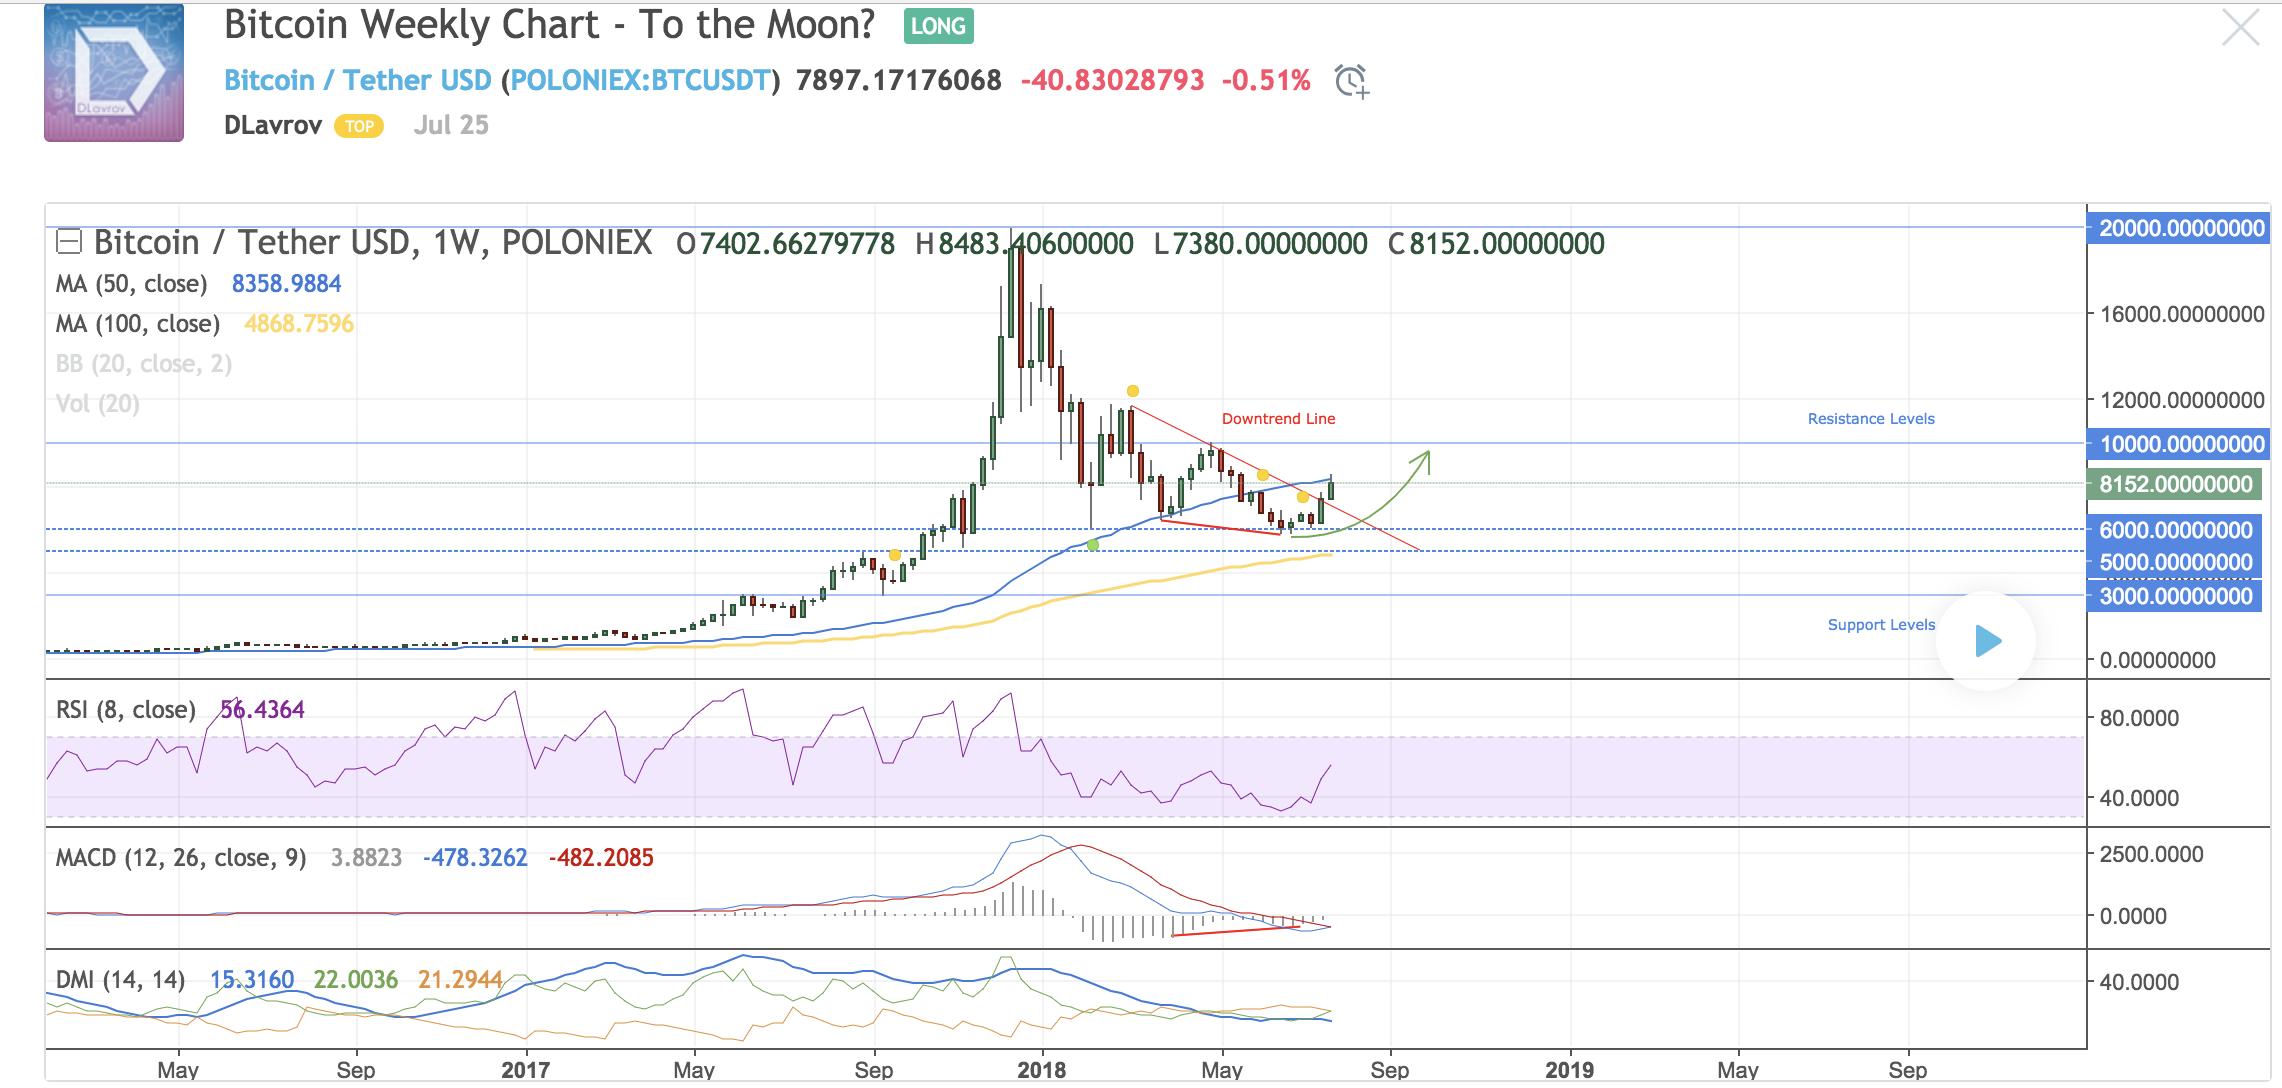 Bitcoin Weekly Chart hits $8000